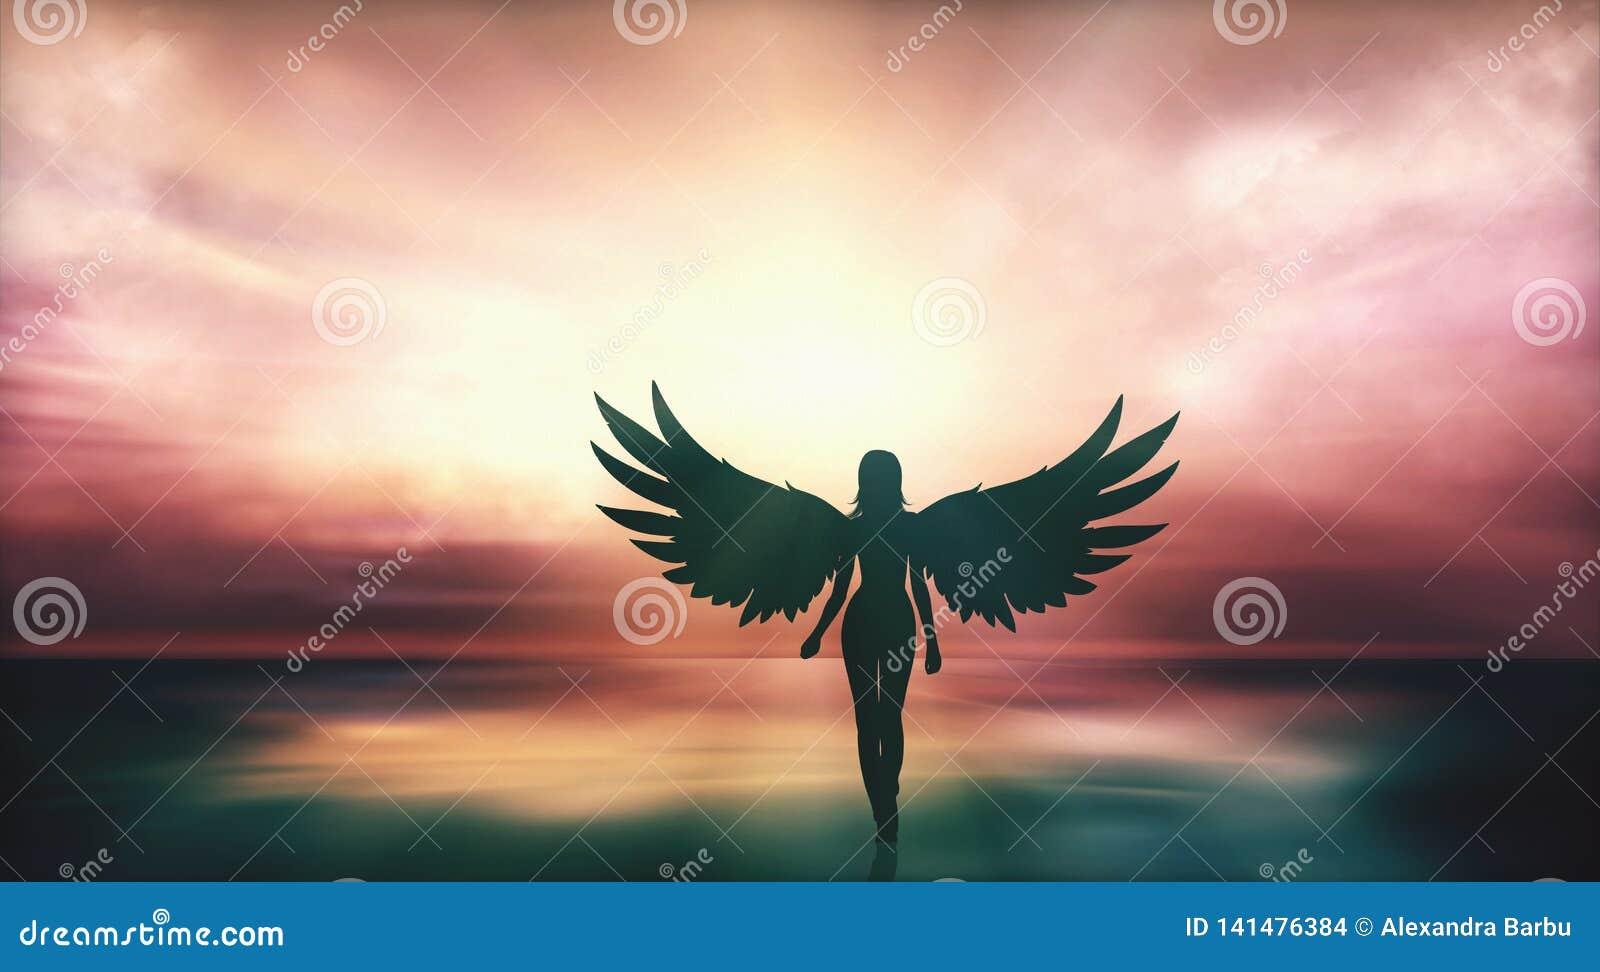 Όμορφο κορίτσι με τα φτερά αγγέλου που περπατά στην ακτή στο ηλιοβασίλεμα